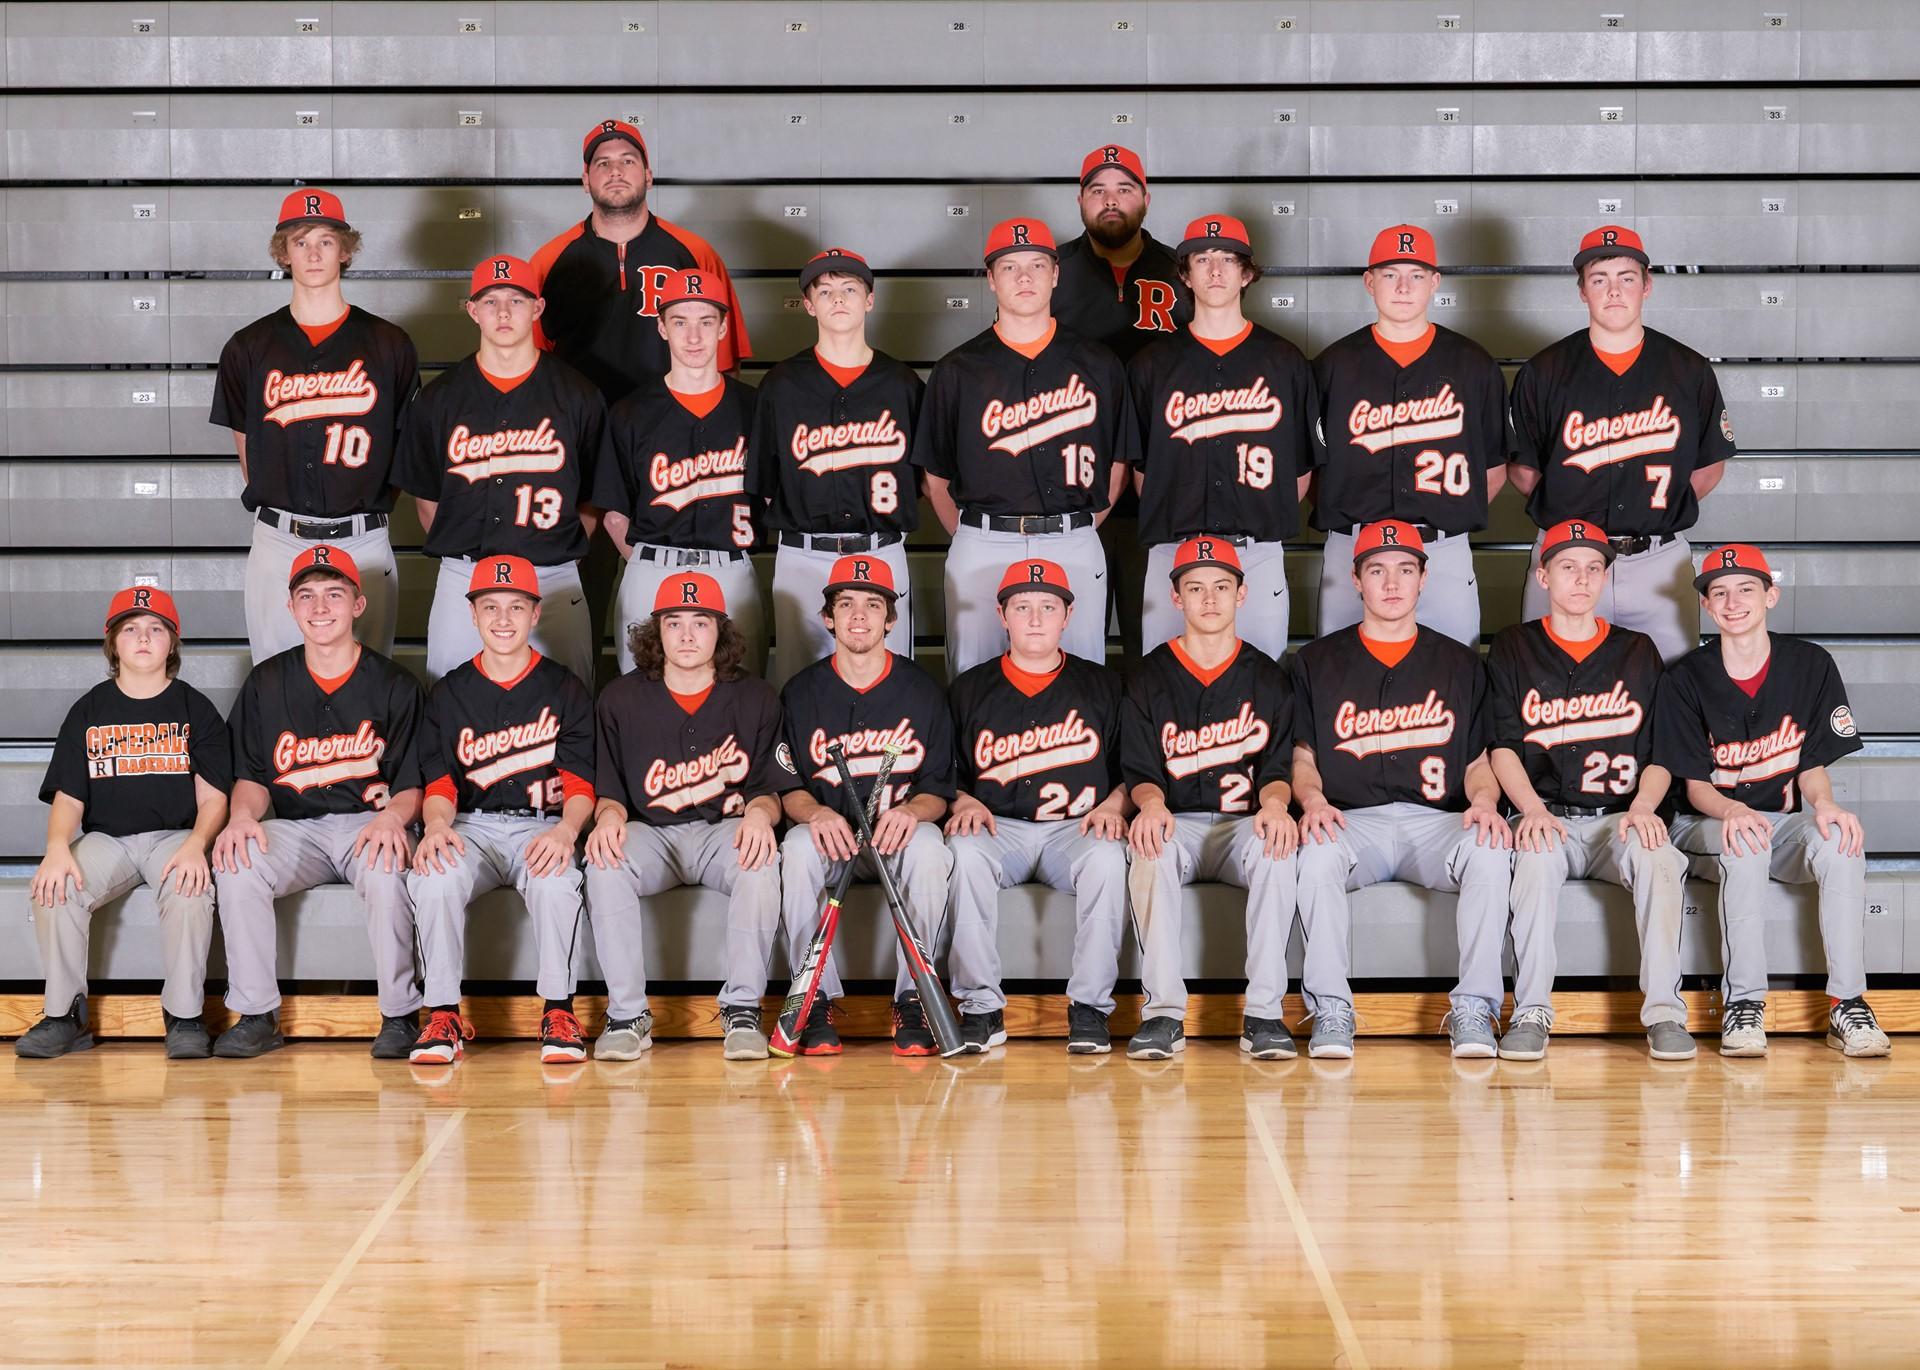 2017 JV Baseball Team